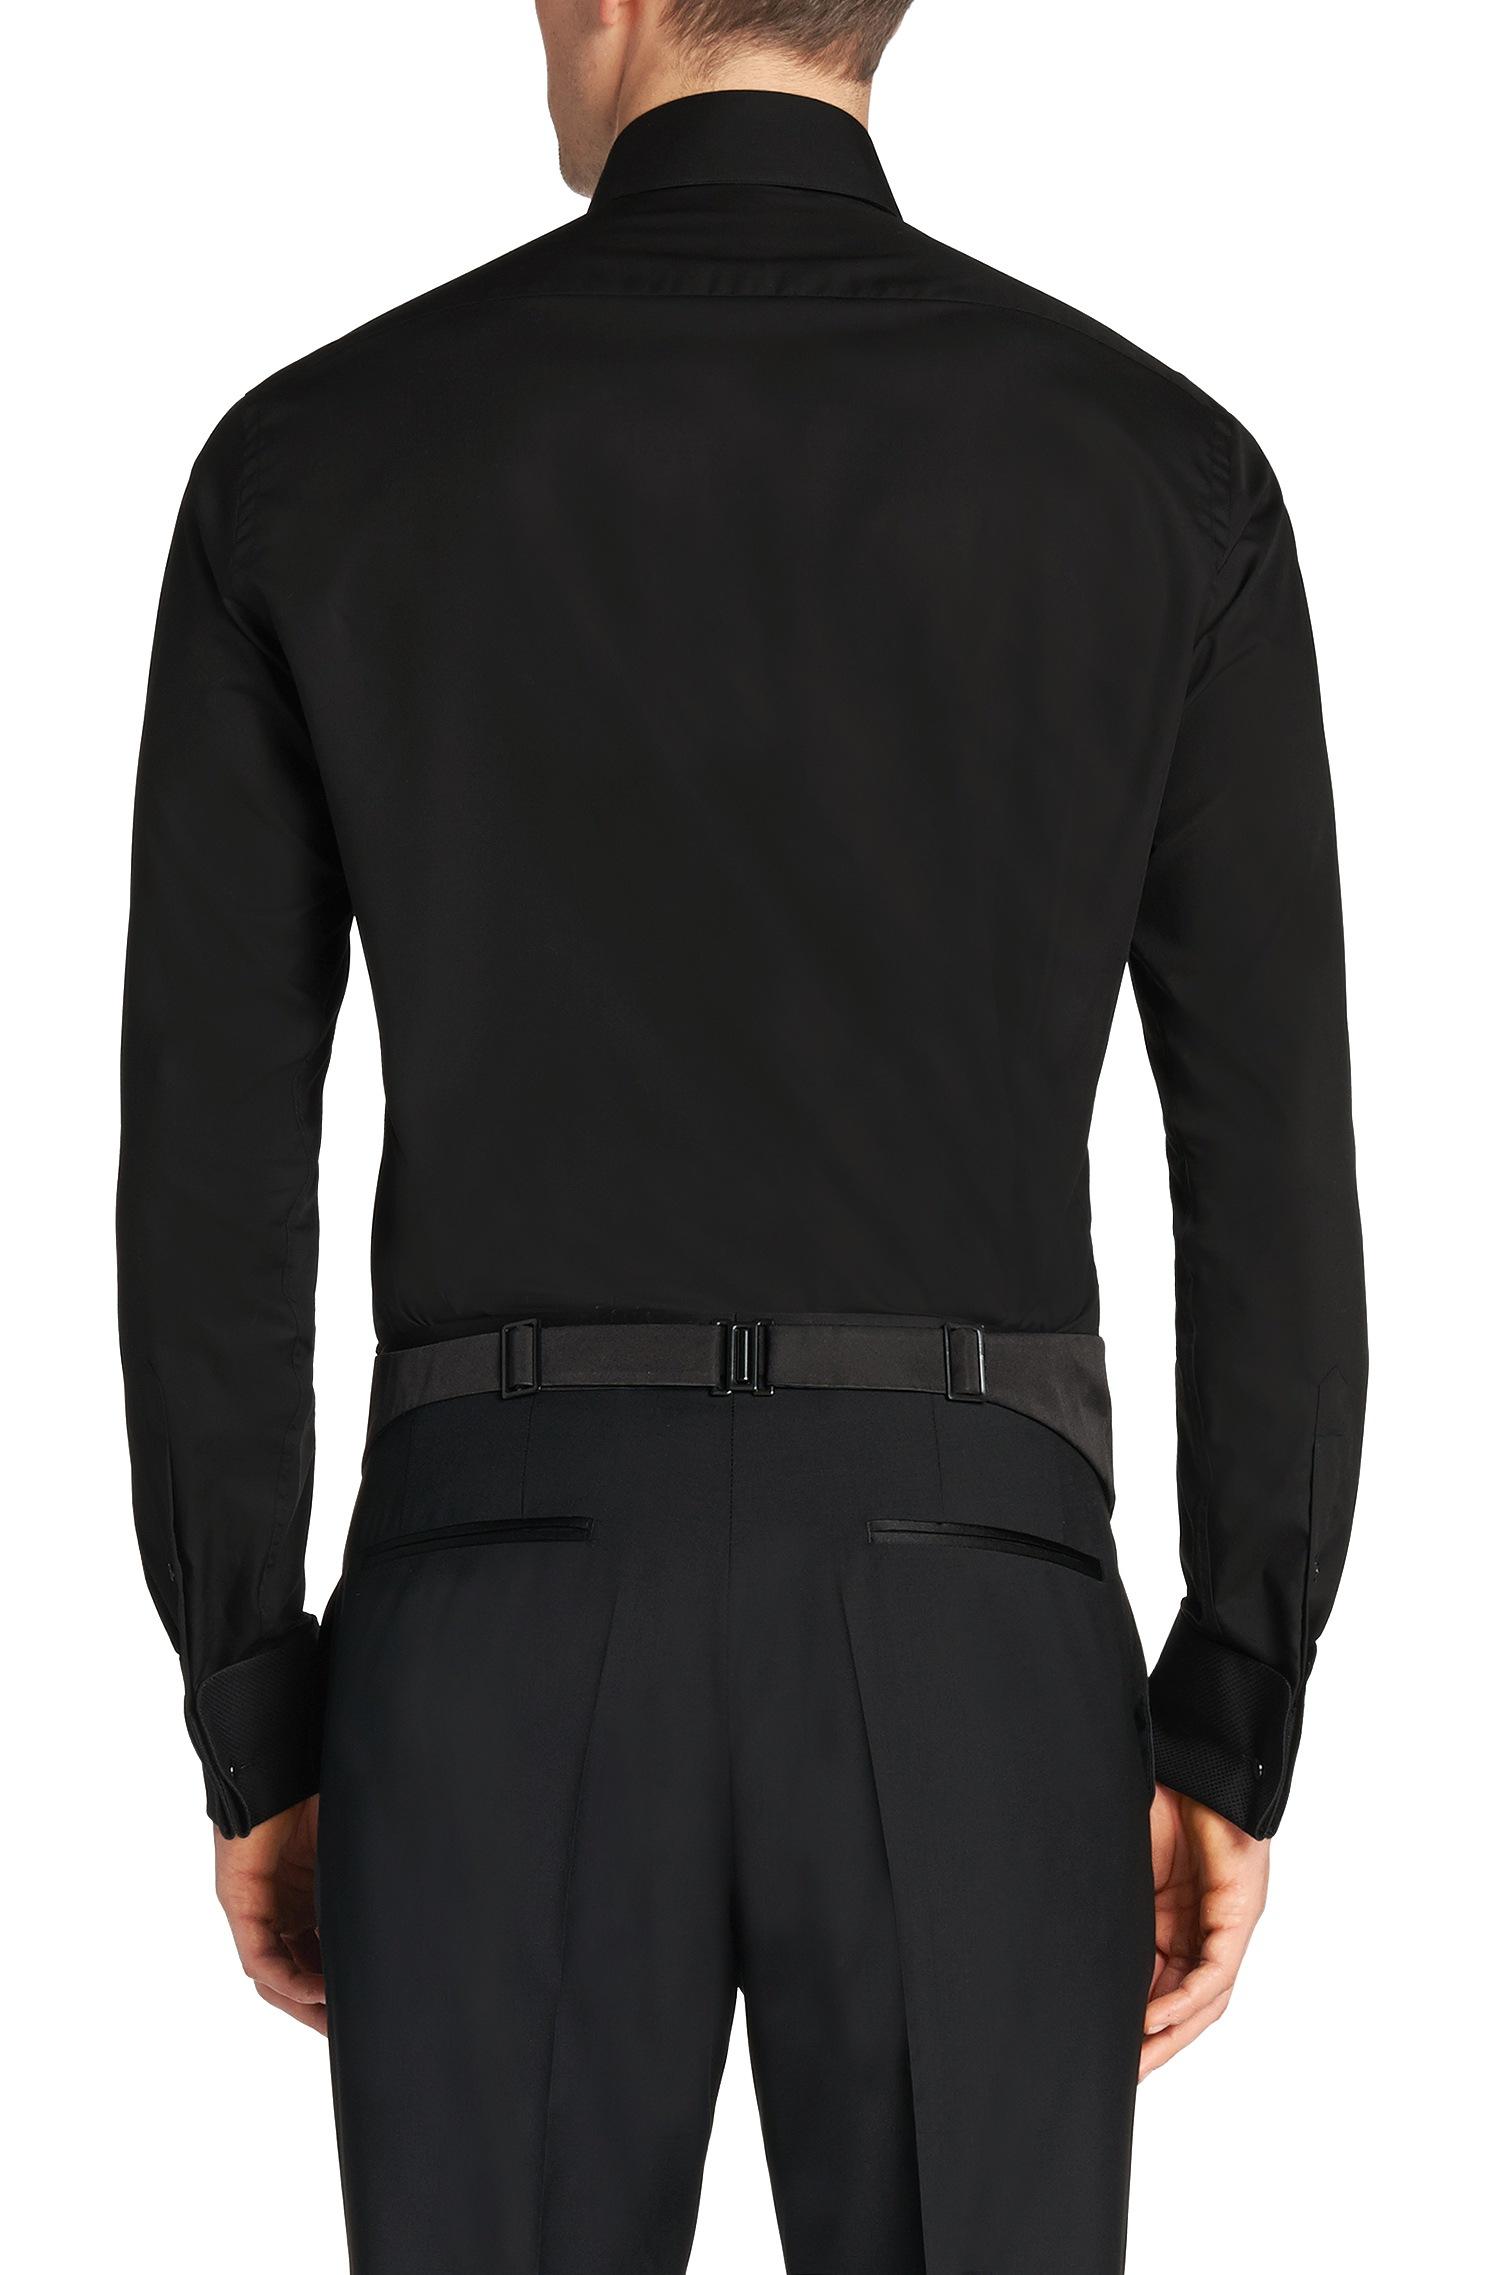 Hugo boss black slim fit tuxedo shirt for Hugo boss formal shirts